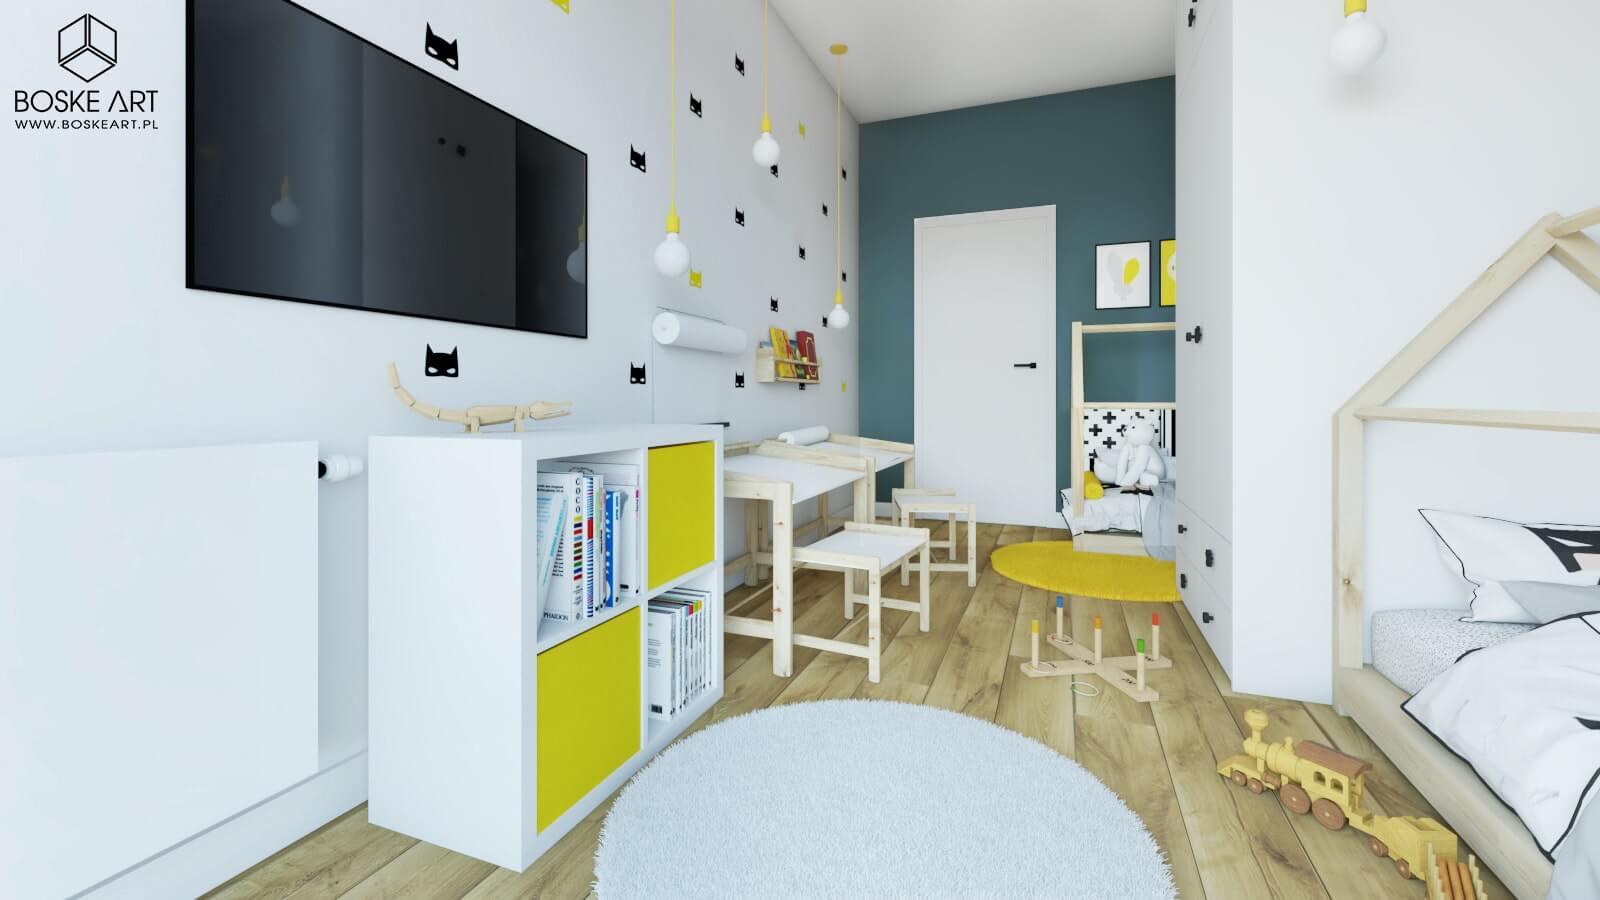 5_mieszkanie_poznan_boske_art_projektowanie_wnetrz_architektura_natalia_robaszkiewicz-min